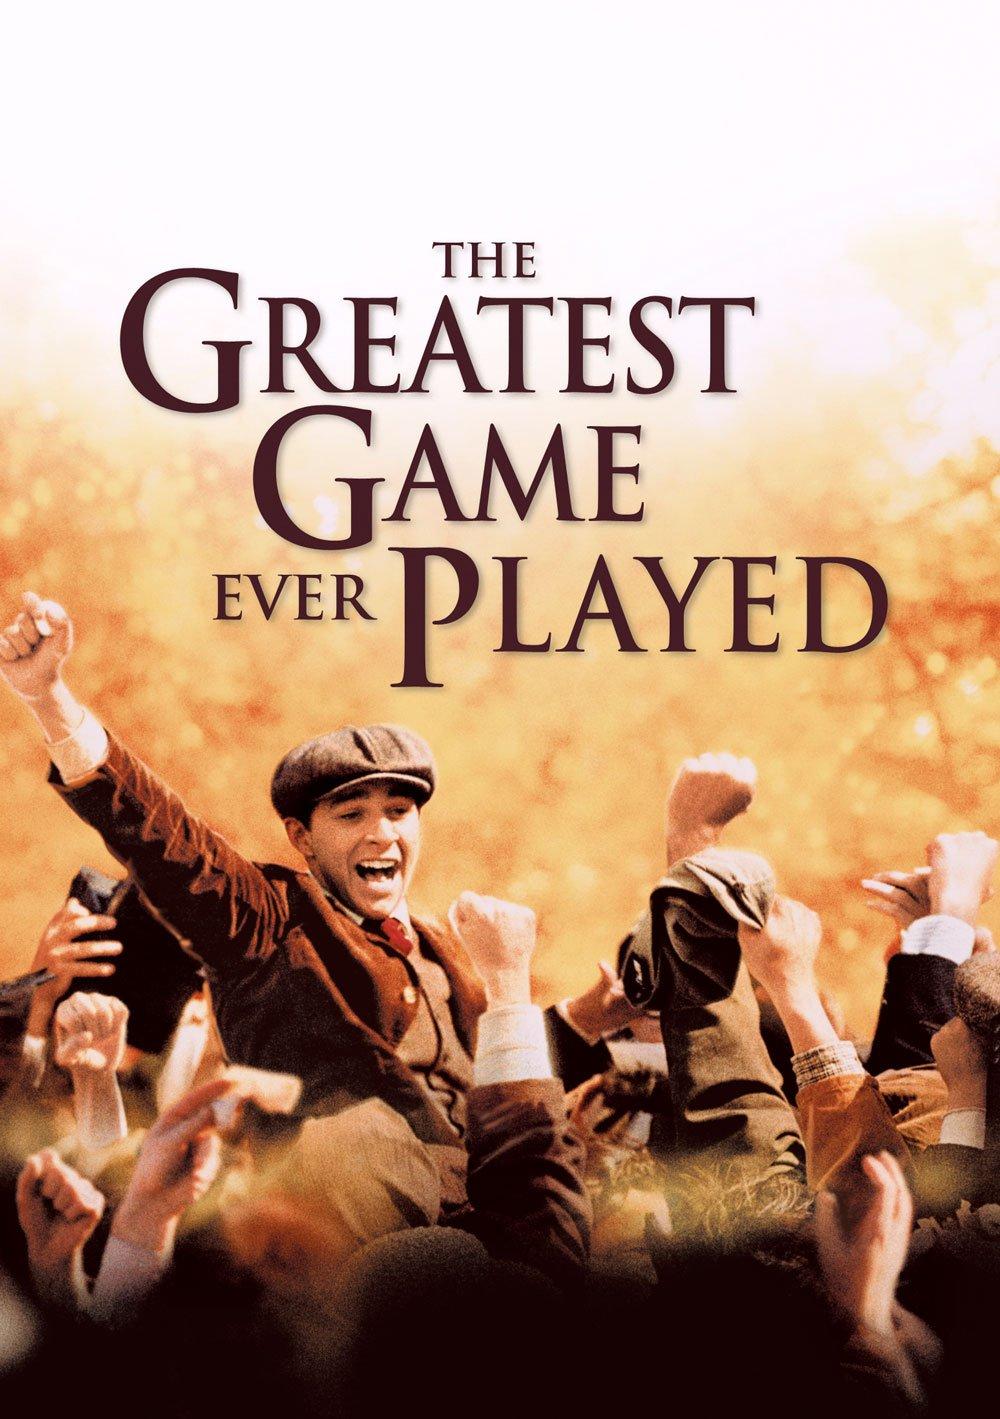 საუკეთესო თამაში მსოფლიოში The Greatest Game Ever Played